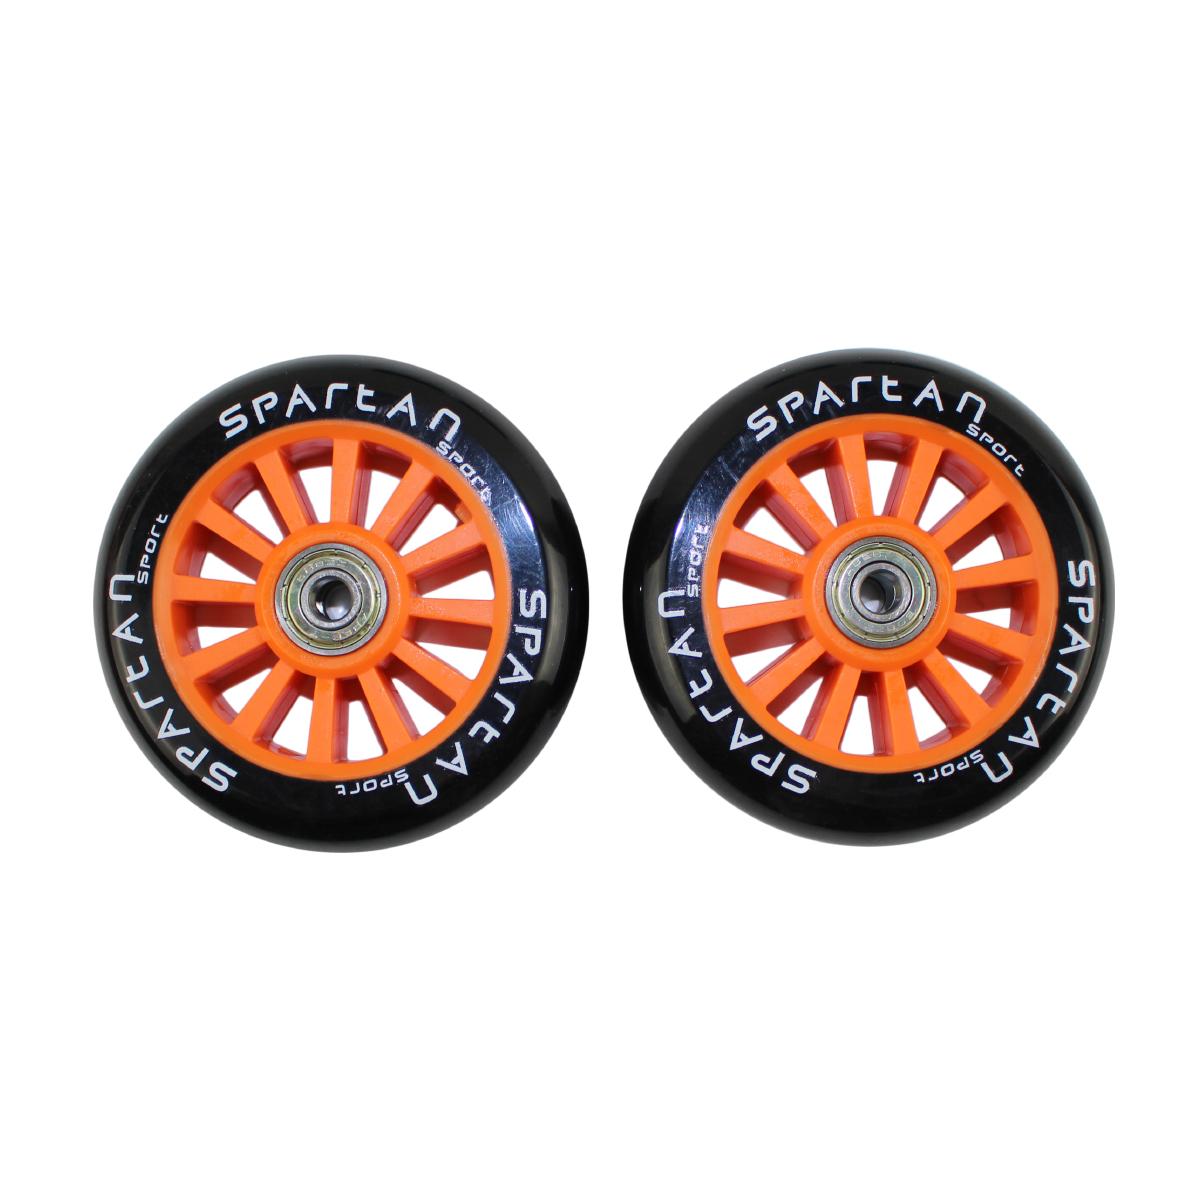 Náhradné kolieska na kolobežky SPARTAN Stunt 100 mm - oranžové